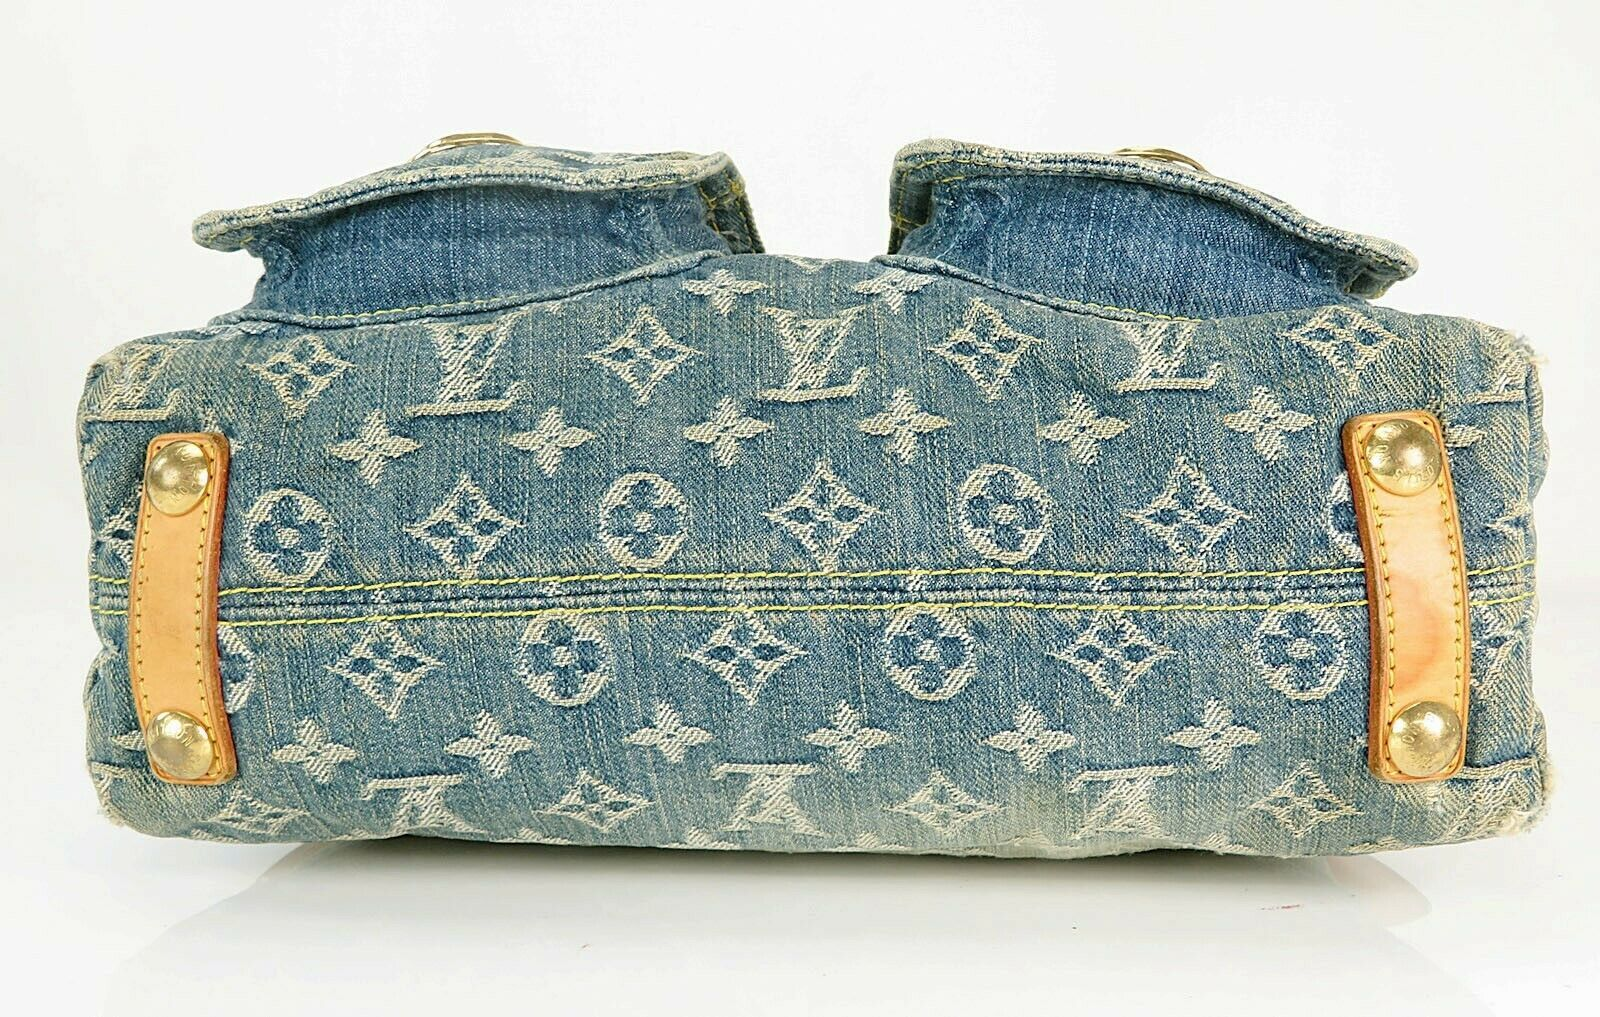 Authentic LOUIS VUITTON Baggy PM Blue Denim Shoulder Tote Bag Purse #34953 image 6